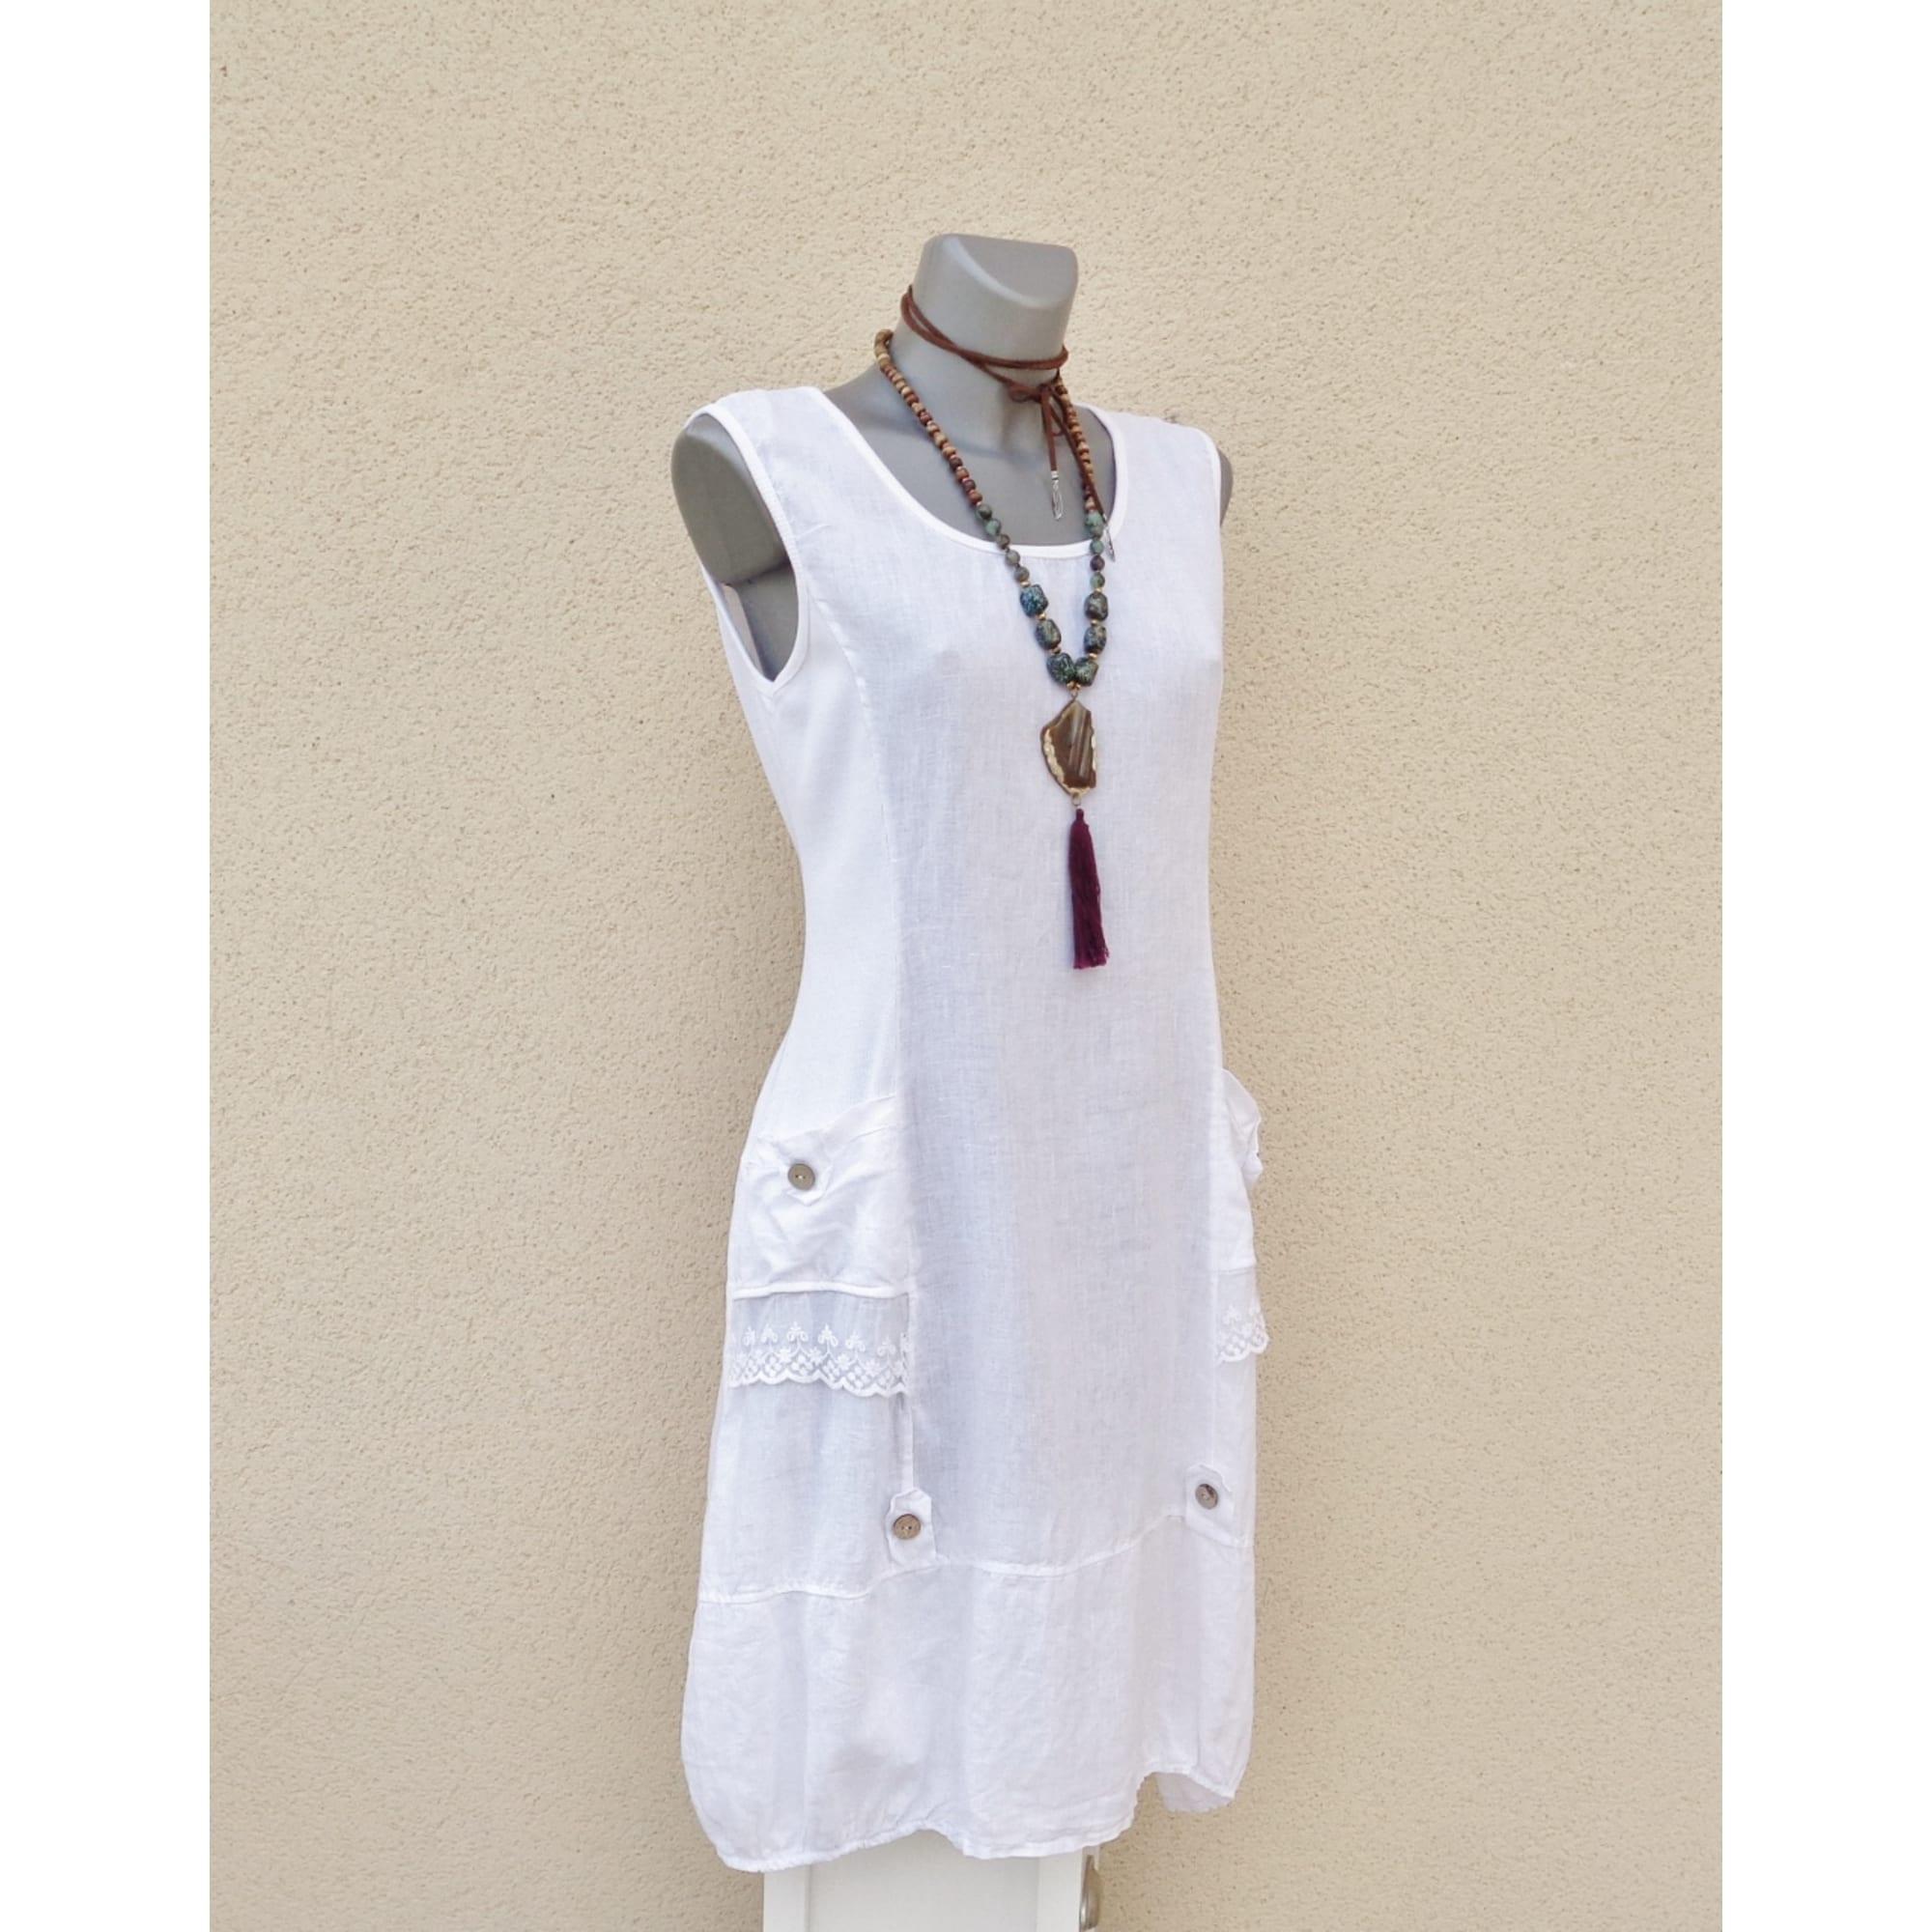 Populaire préféré Robe mi-longue MADE IN ITALIE 100% LIN Taille unique blanc vendu #EU_35